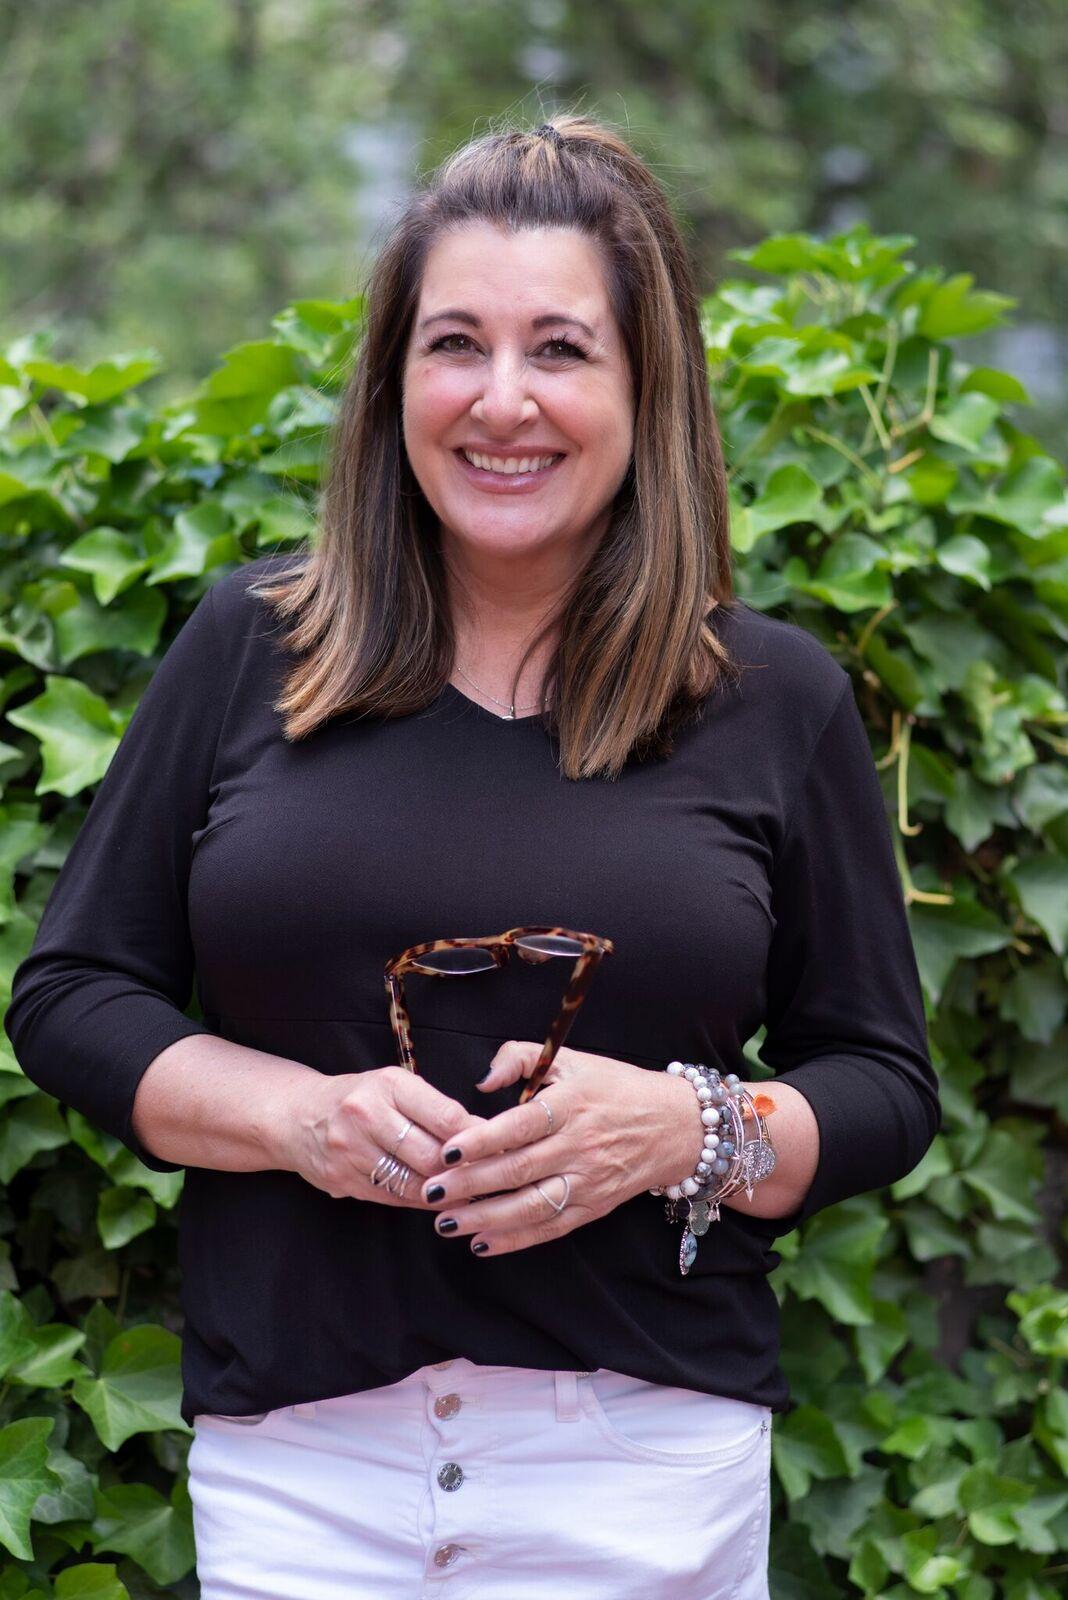 Lisa Tremayne is President of the Bloom Foundation for Maternal Wellness